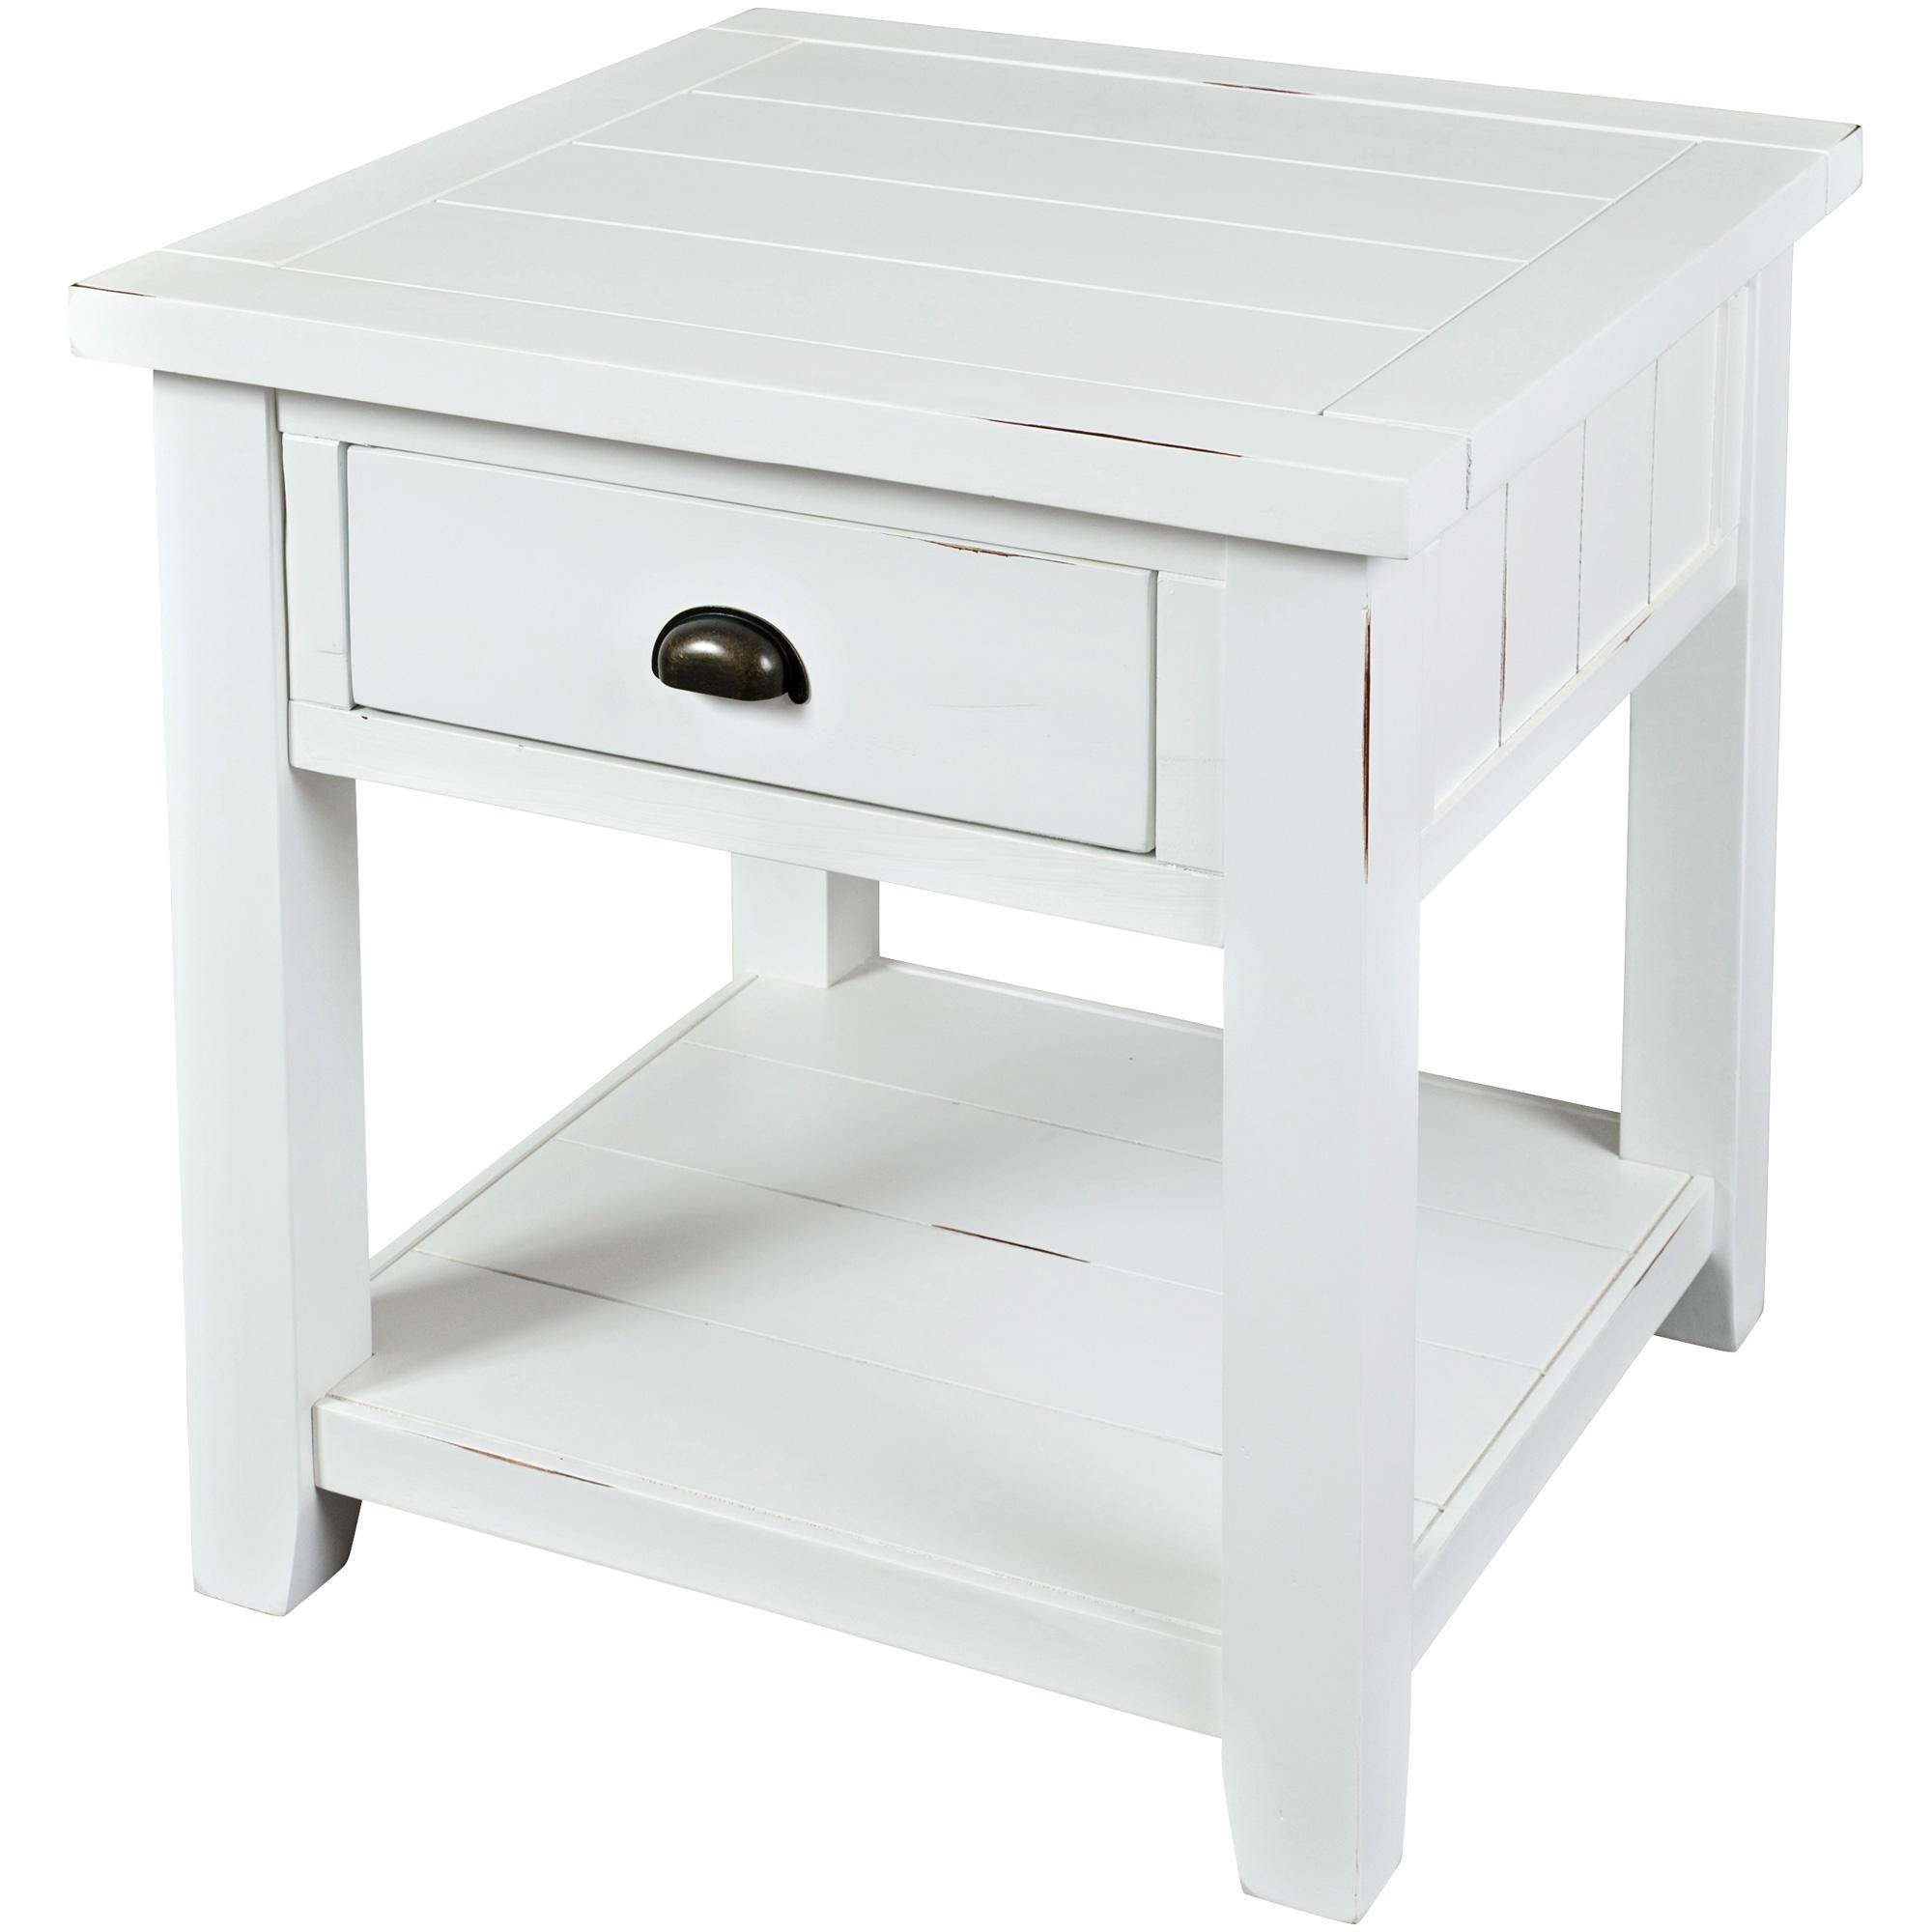 Jofran | Artisans Craft White End Table